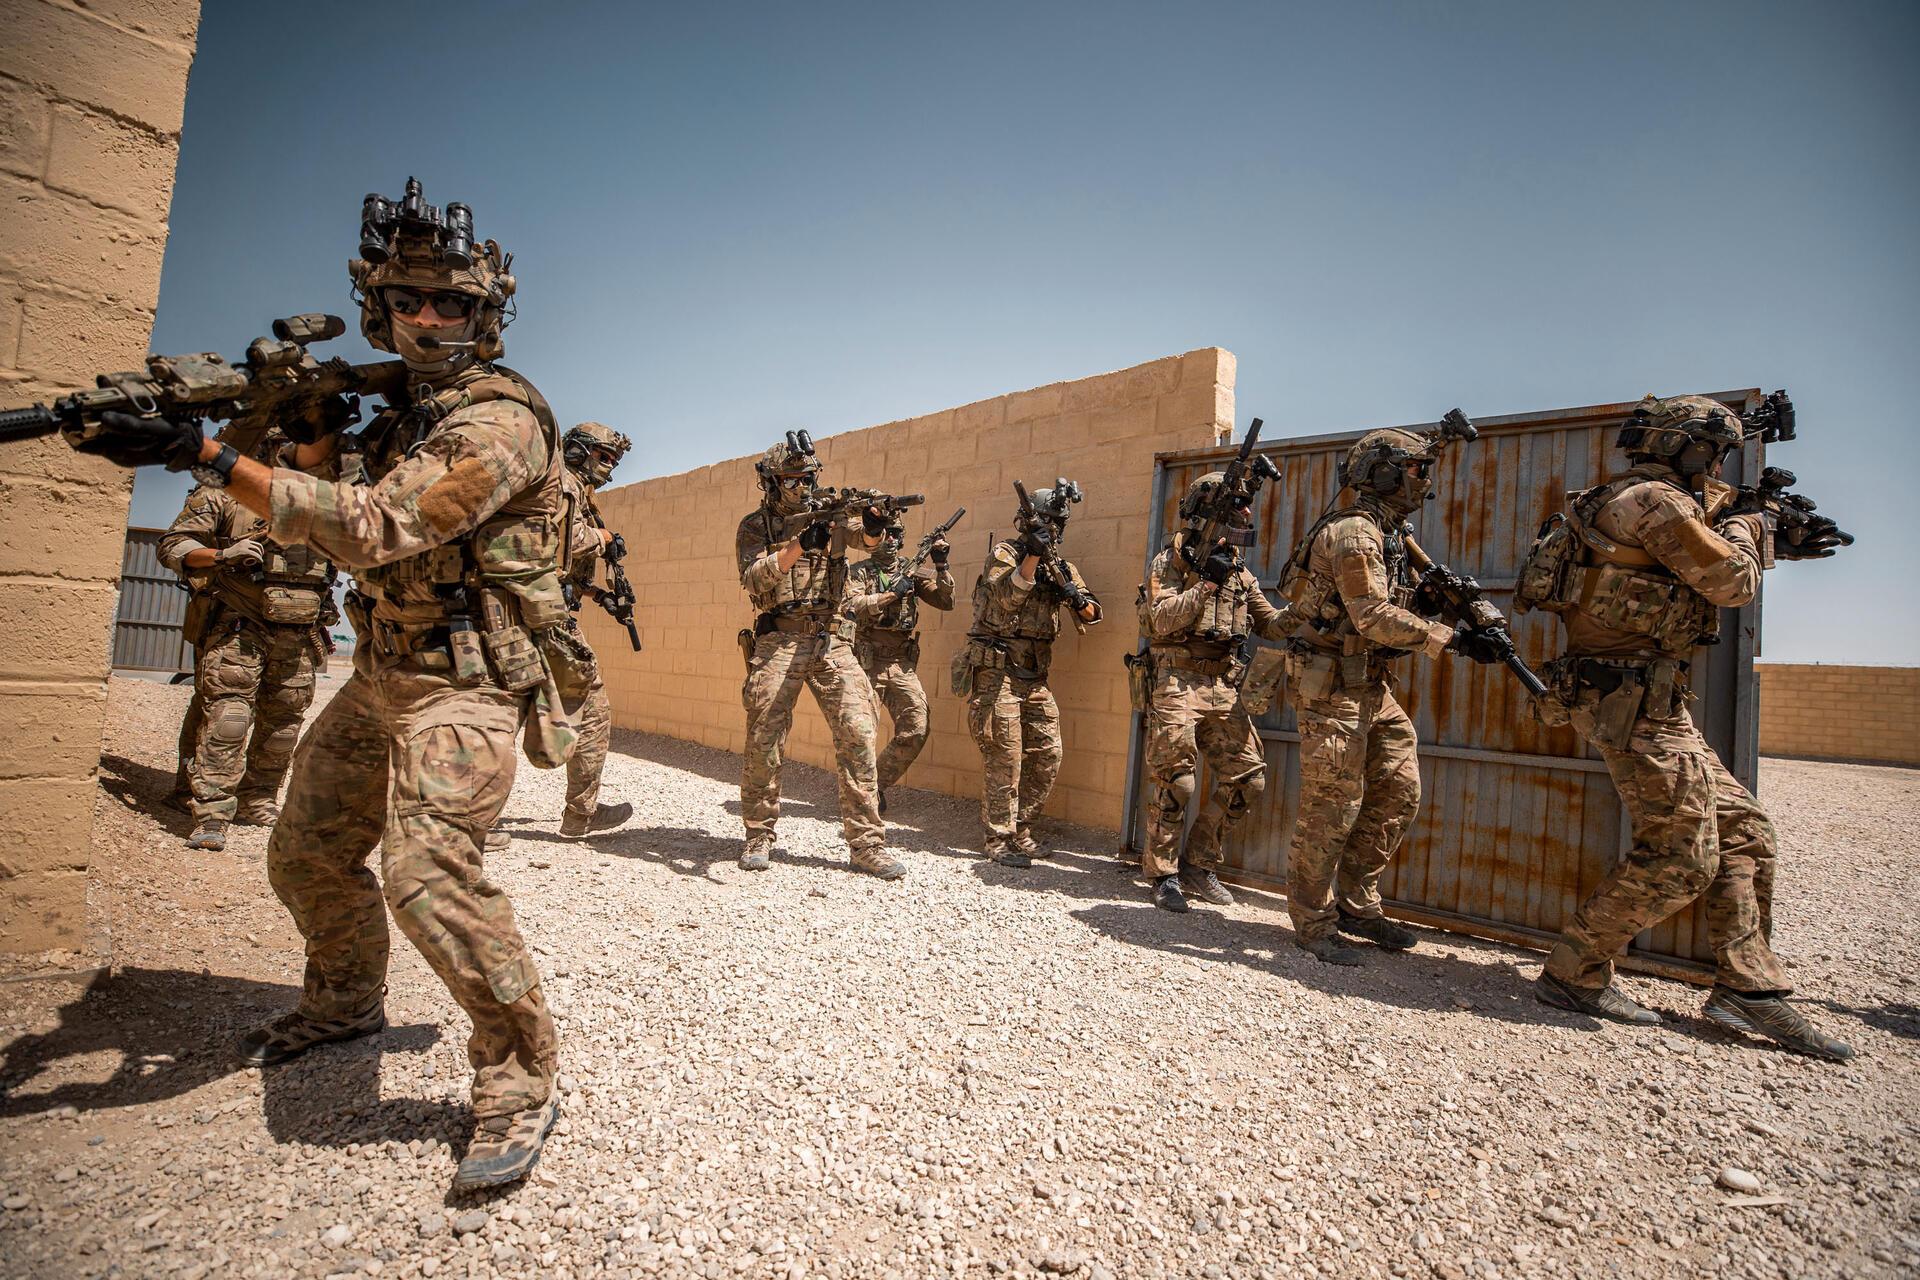 Nederlandse MARSOF in Afghanistan voor het trainen van Afghan Territorial Force 888 (Bron: https://magazines.defensie.nl/allehens/2019/08/02_trainen-adviseren-en-operaties-ondersteunen)